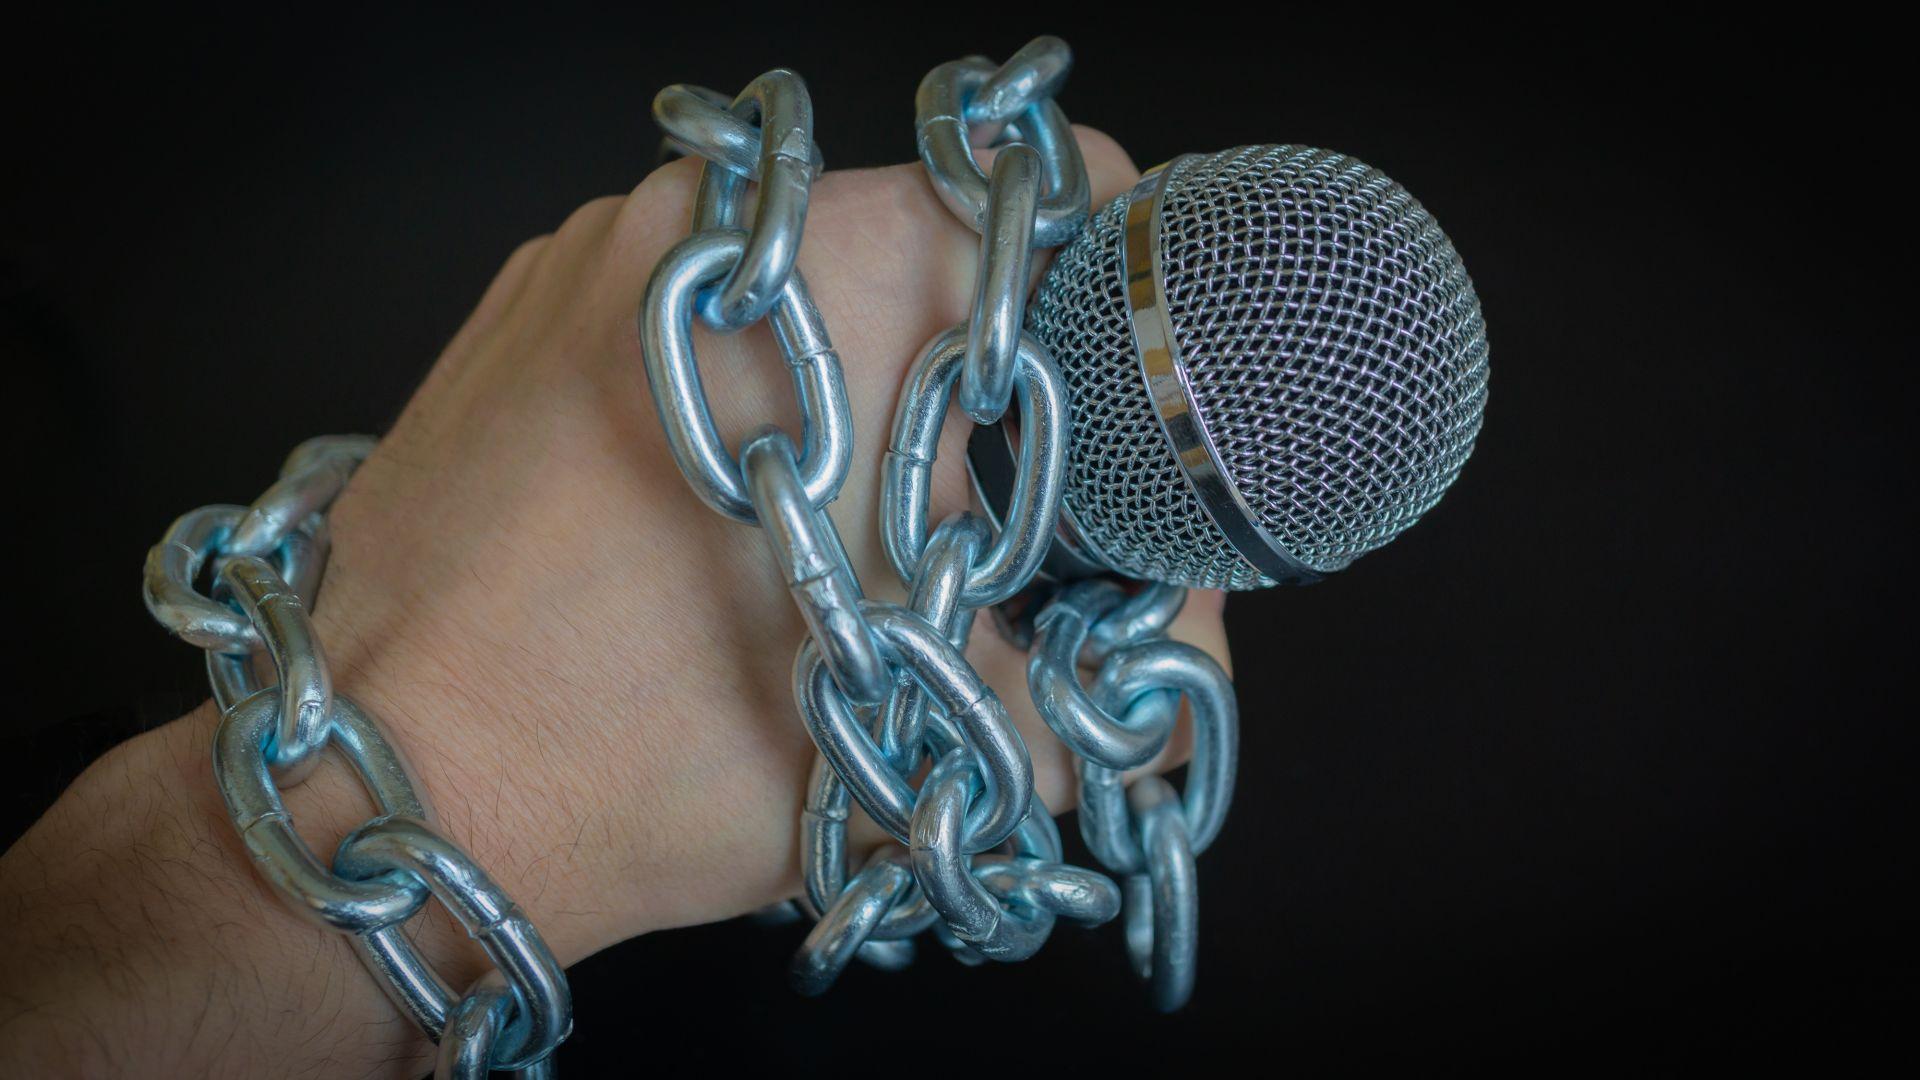 Проучване на ЕК констатира високи рискове за плурализма и свободата на медиите в България